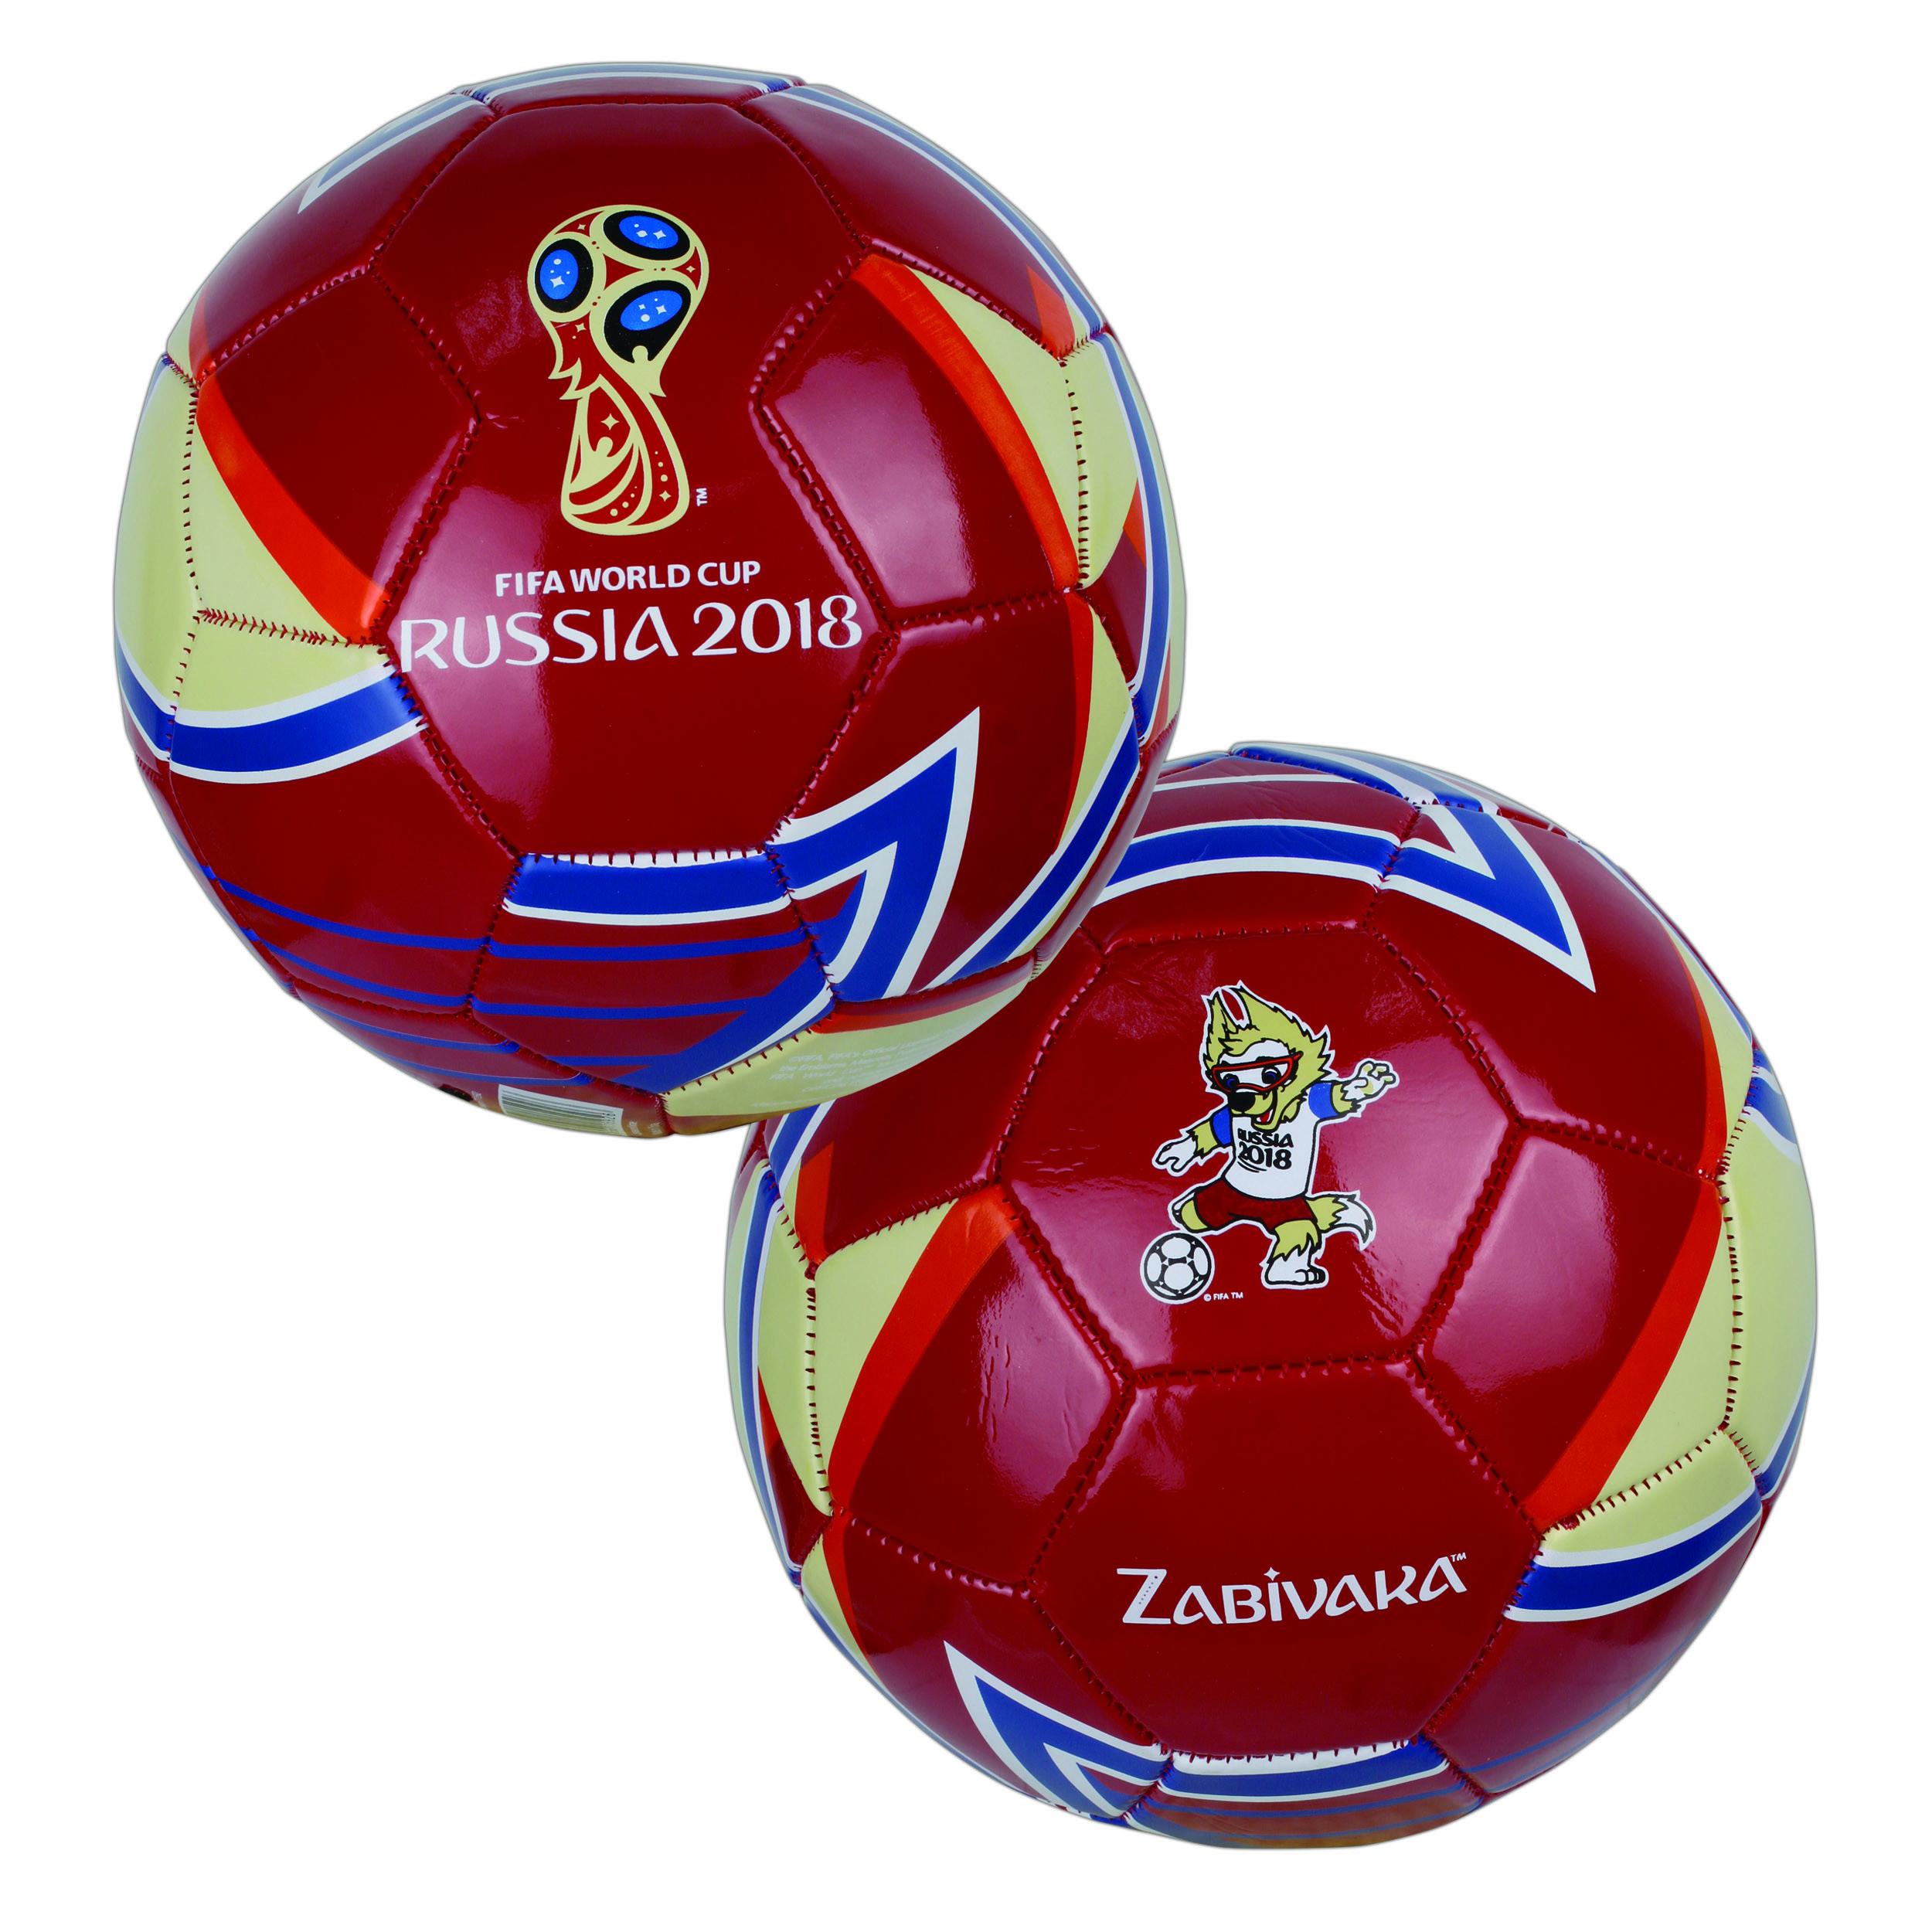 Мячи FIFA Мяч футбольный FIFA «Molniya» 23 см мяч футбольный select talento арт 811008 005 р 3